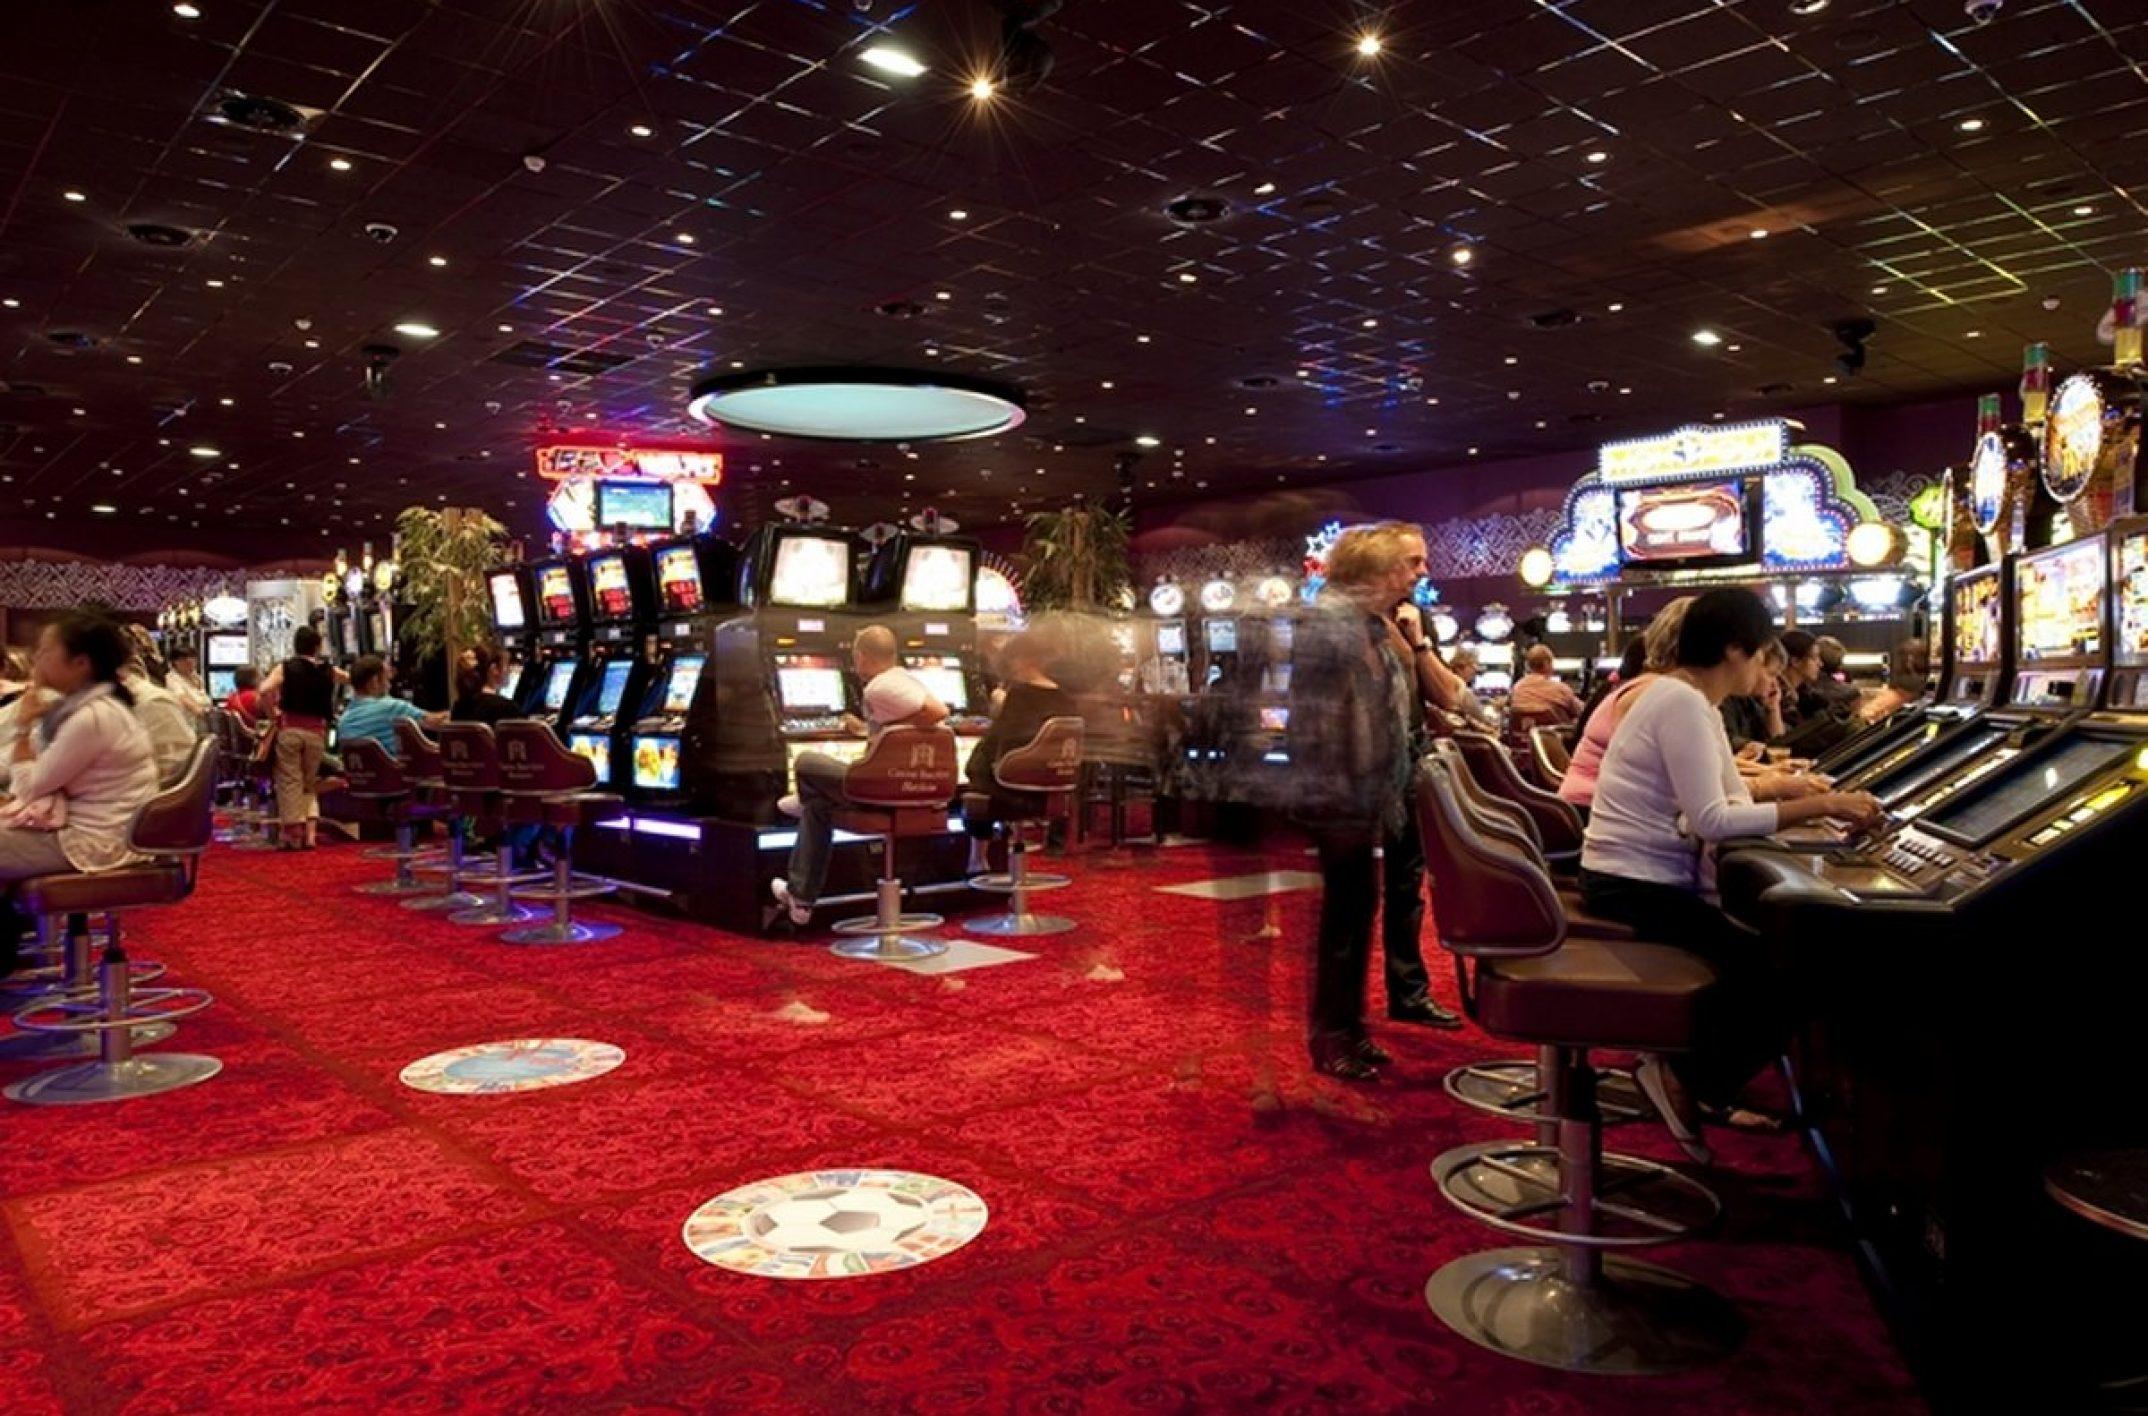 Réaliser ses rêves grâce aux jeux casino en ligne